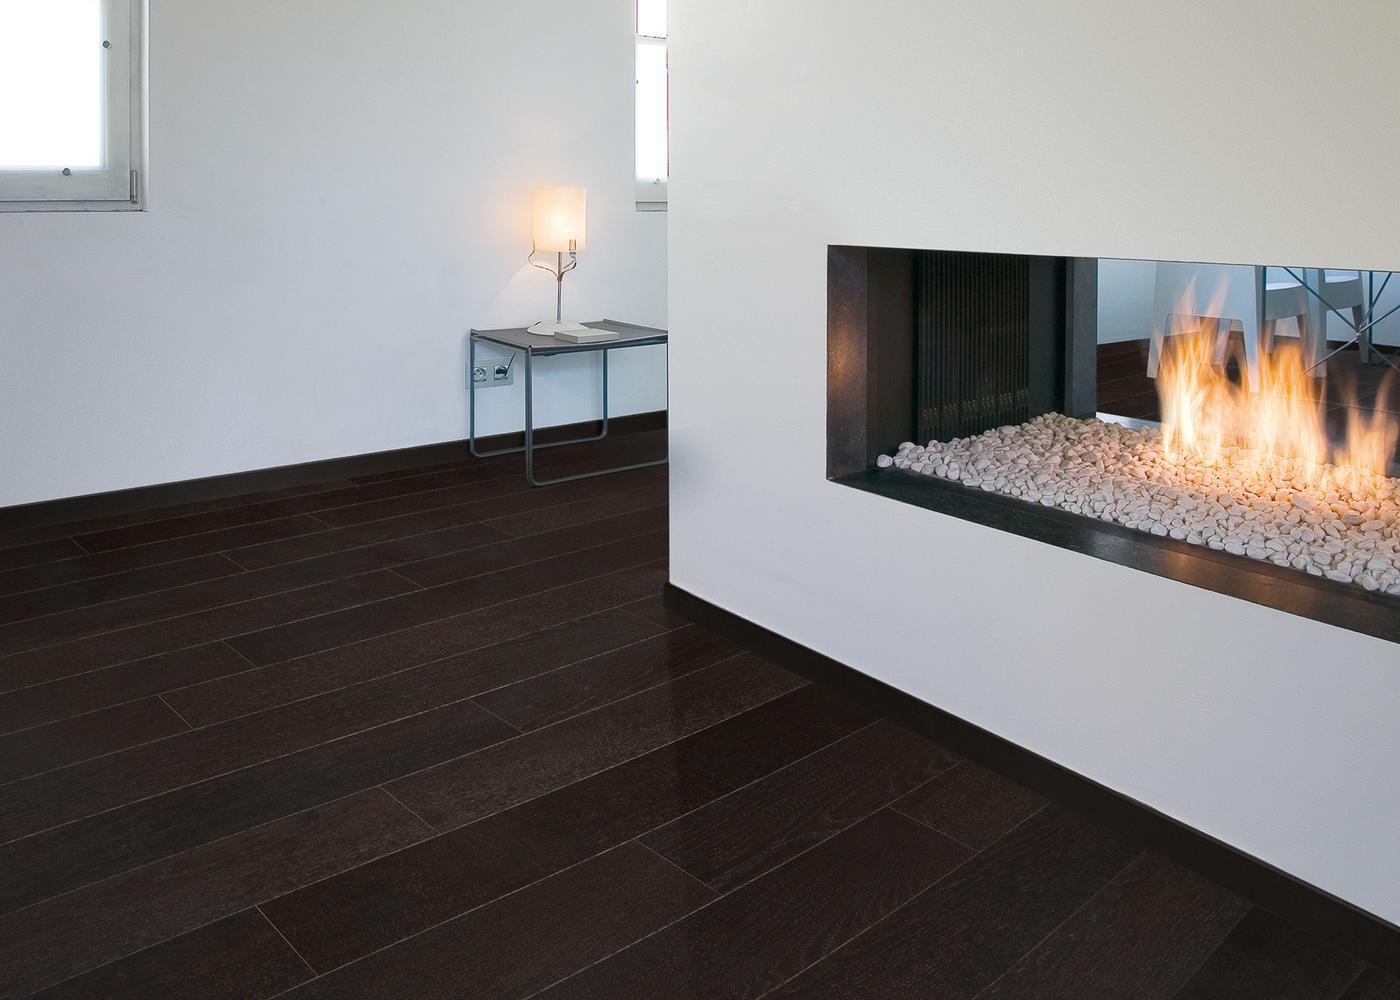 Sol plaqué bois chêne Londres brossé vernis extra-mat - Deluxe - Select 12x166x1810